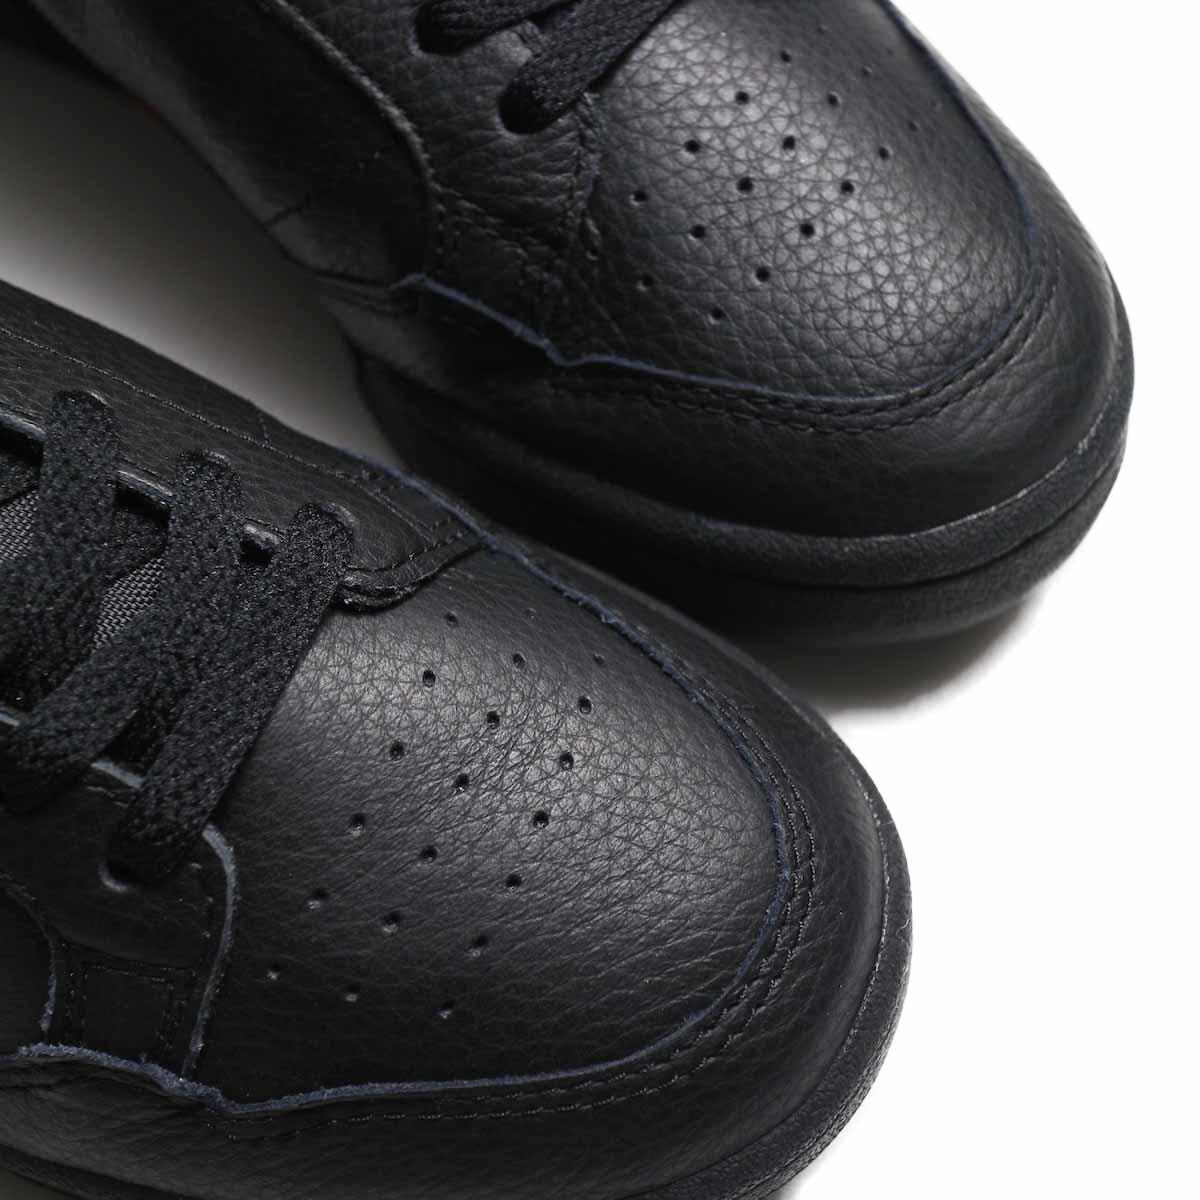 adidas originals / CONTINENTAL80 (G27707) -Black アッパー